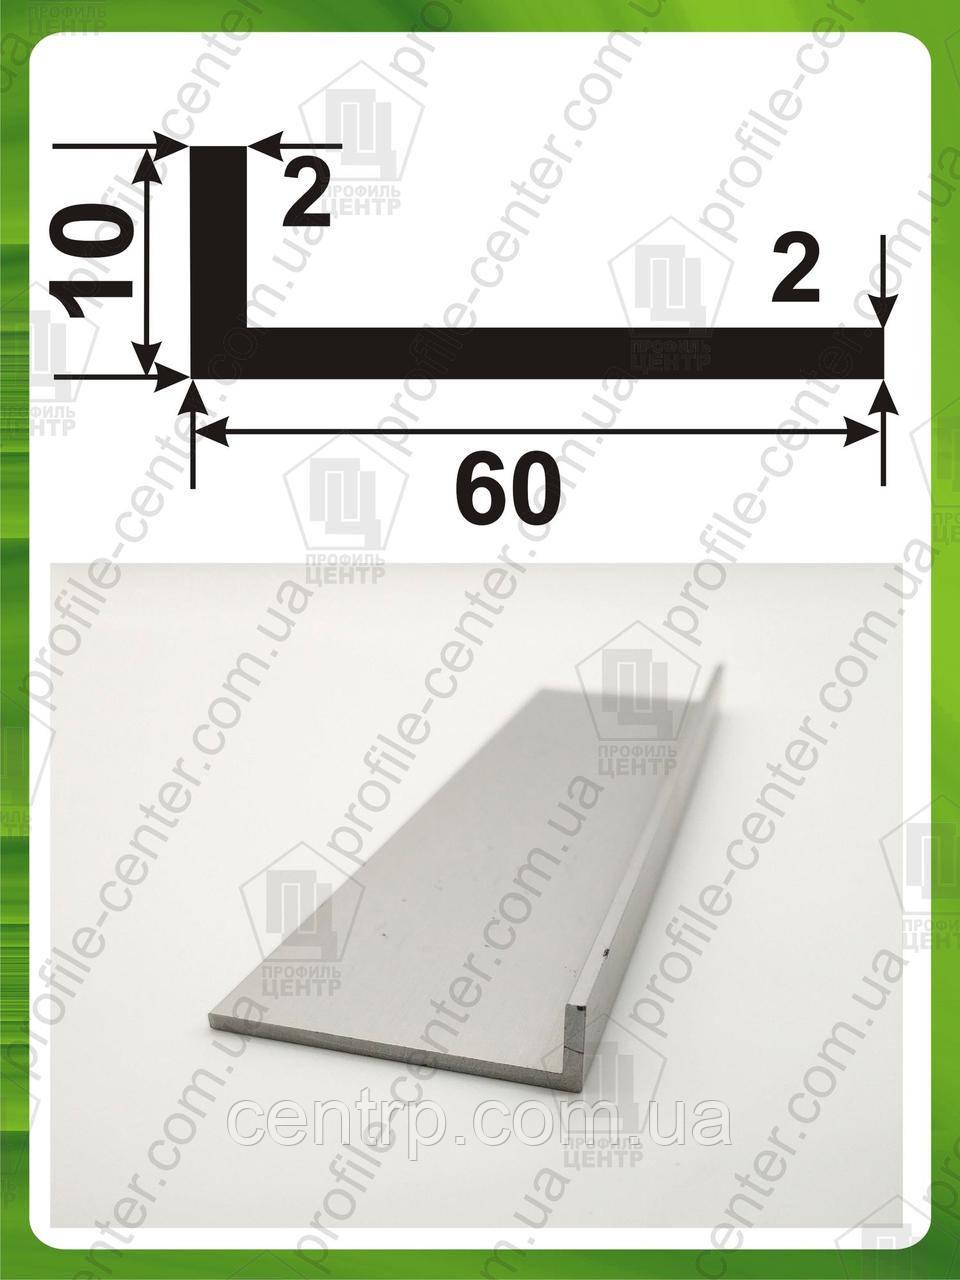 Уголок алюминиевый 60x10x2 разнополочный (разносторонний)